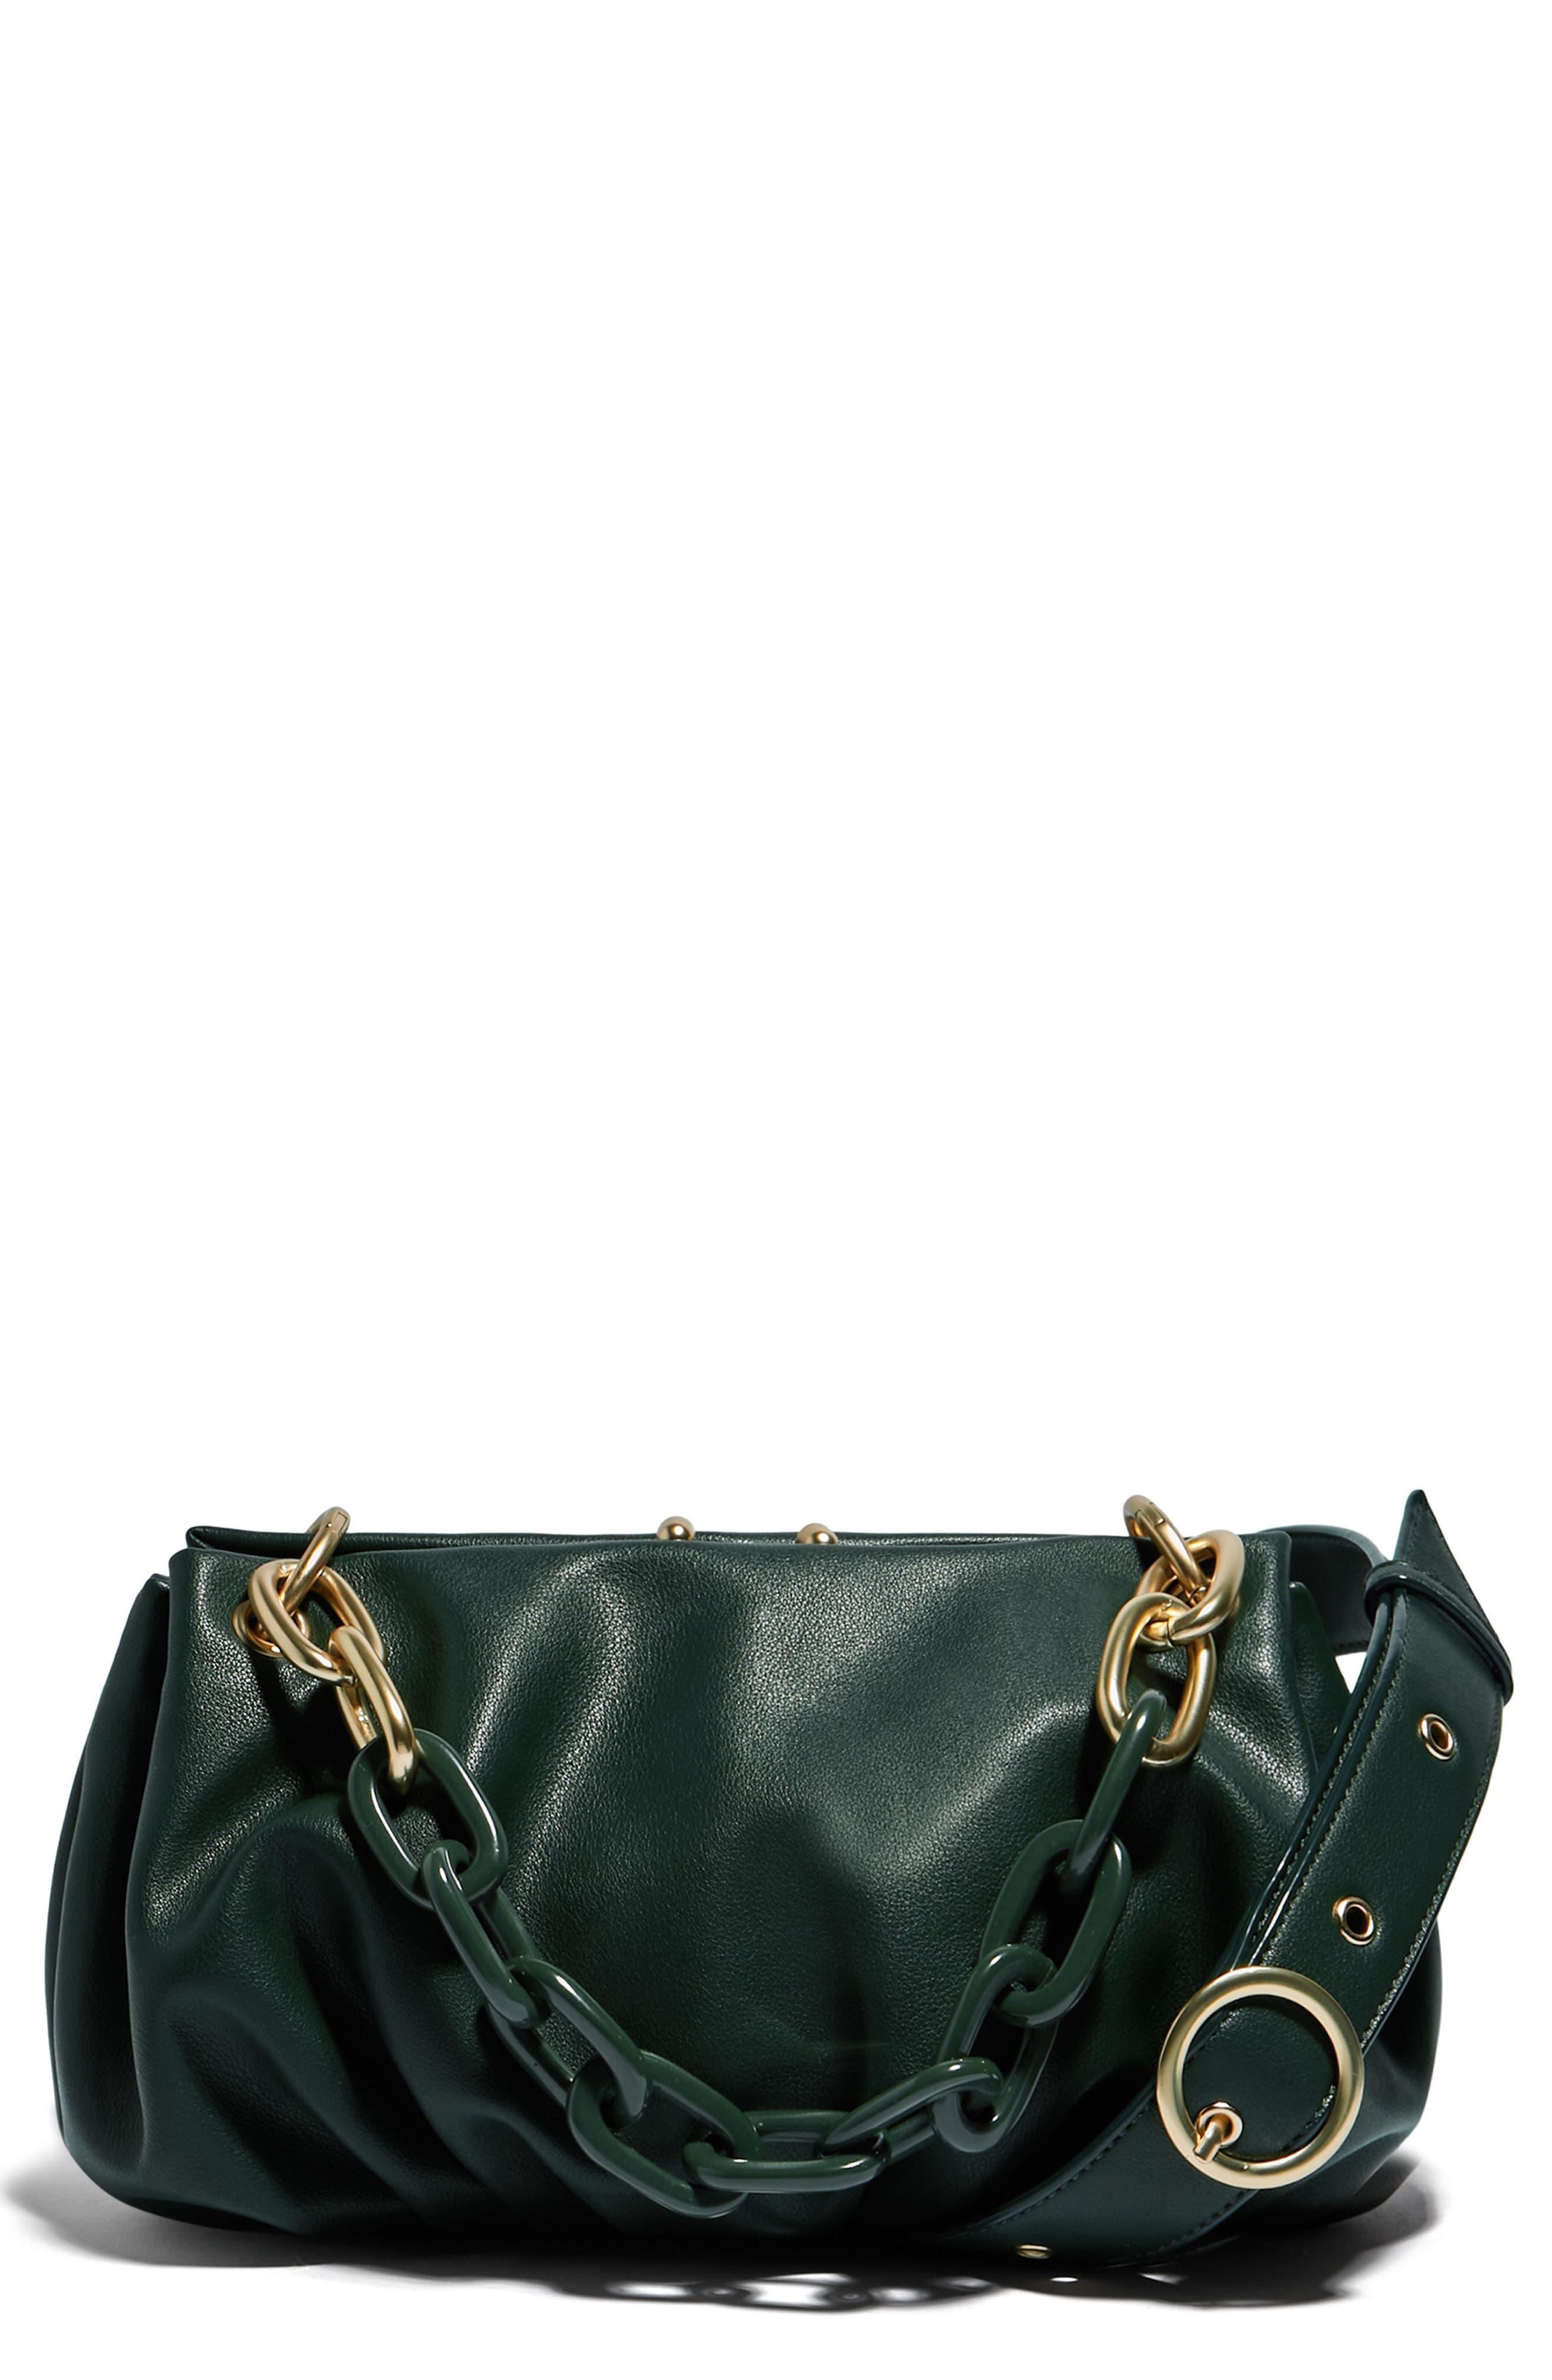 H.O.W. We Stroll Vegan Leather Crossbody Bag